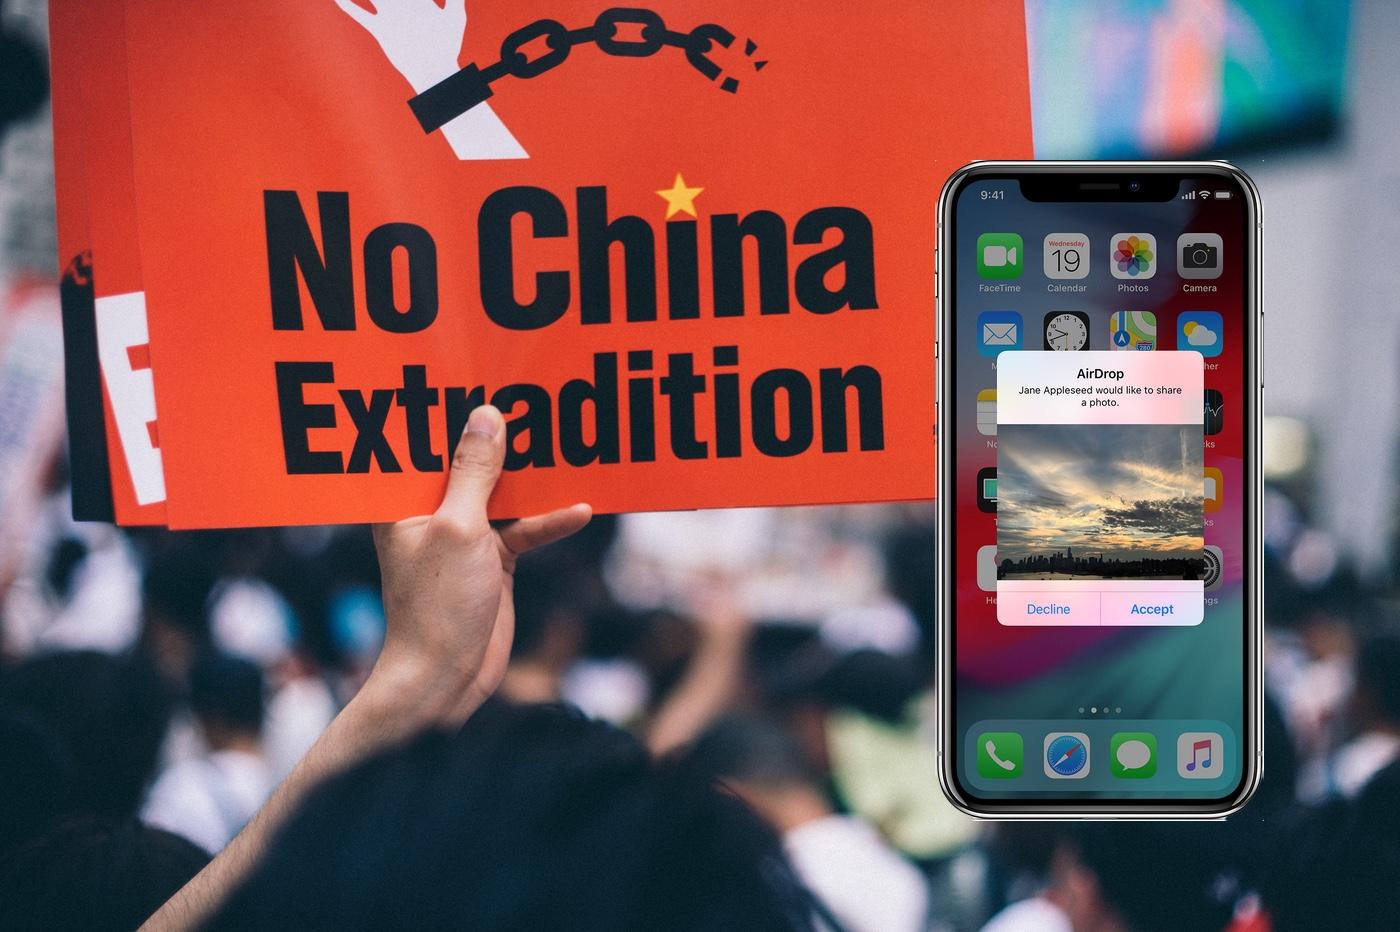 Les manifestants de Hong Kong utilisent AirDrop pour combattre la censure chinoise 1